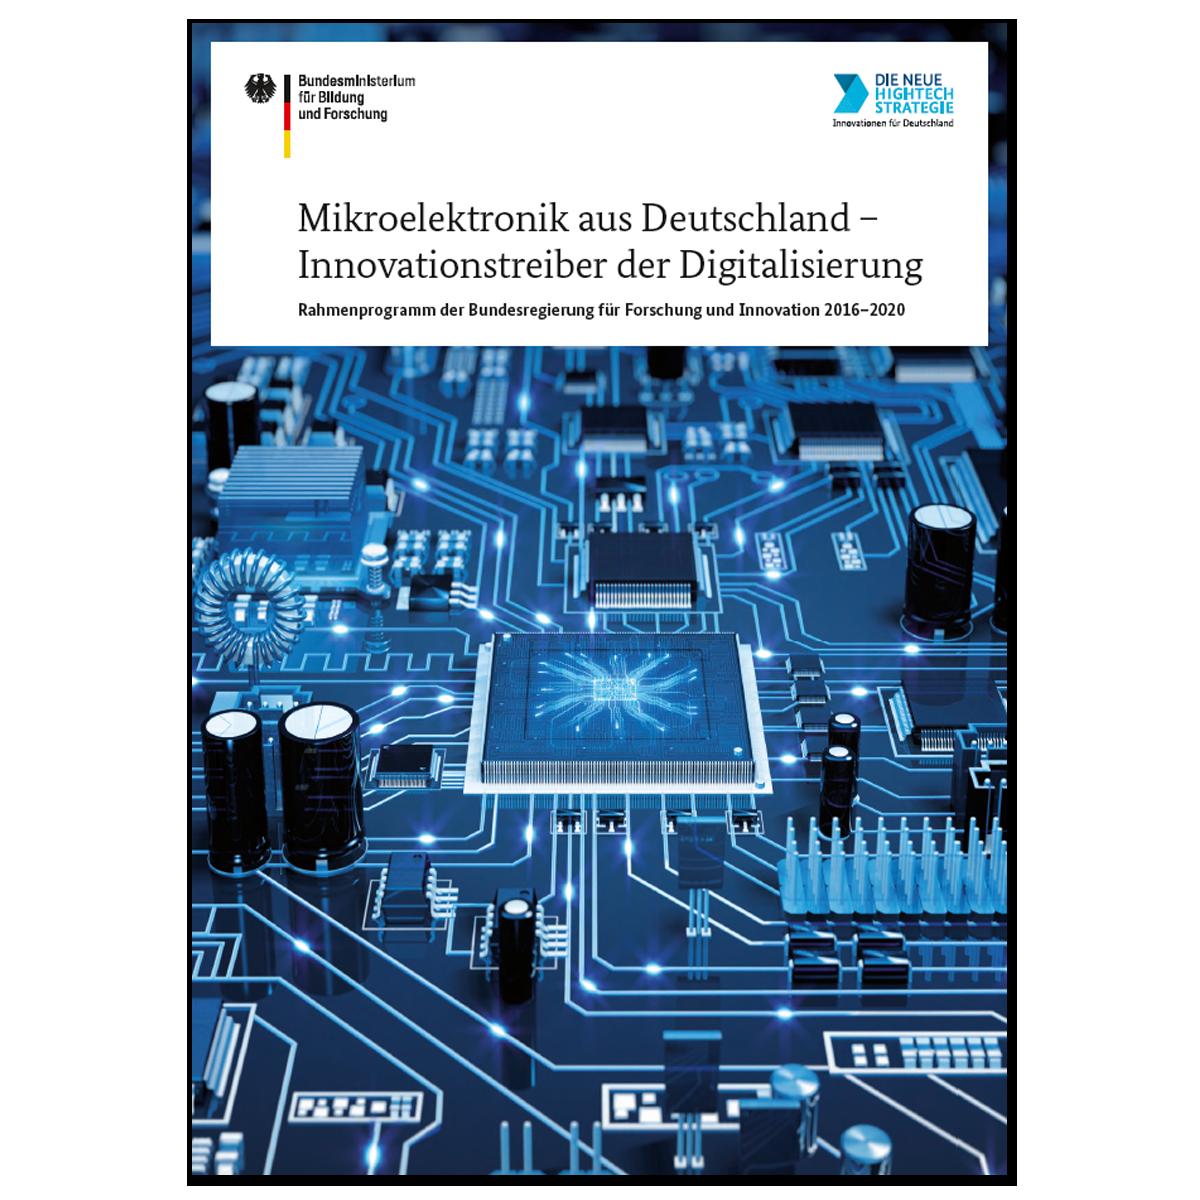 Mikroelektronik aus Deutschland - Innovationstreiber der Digitalisierung